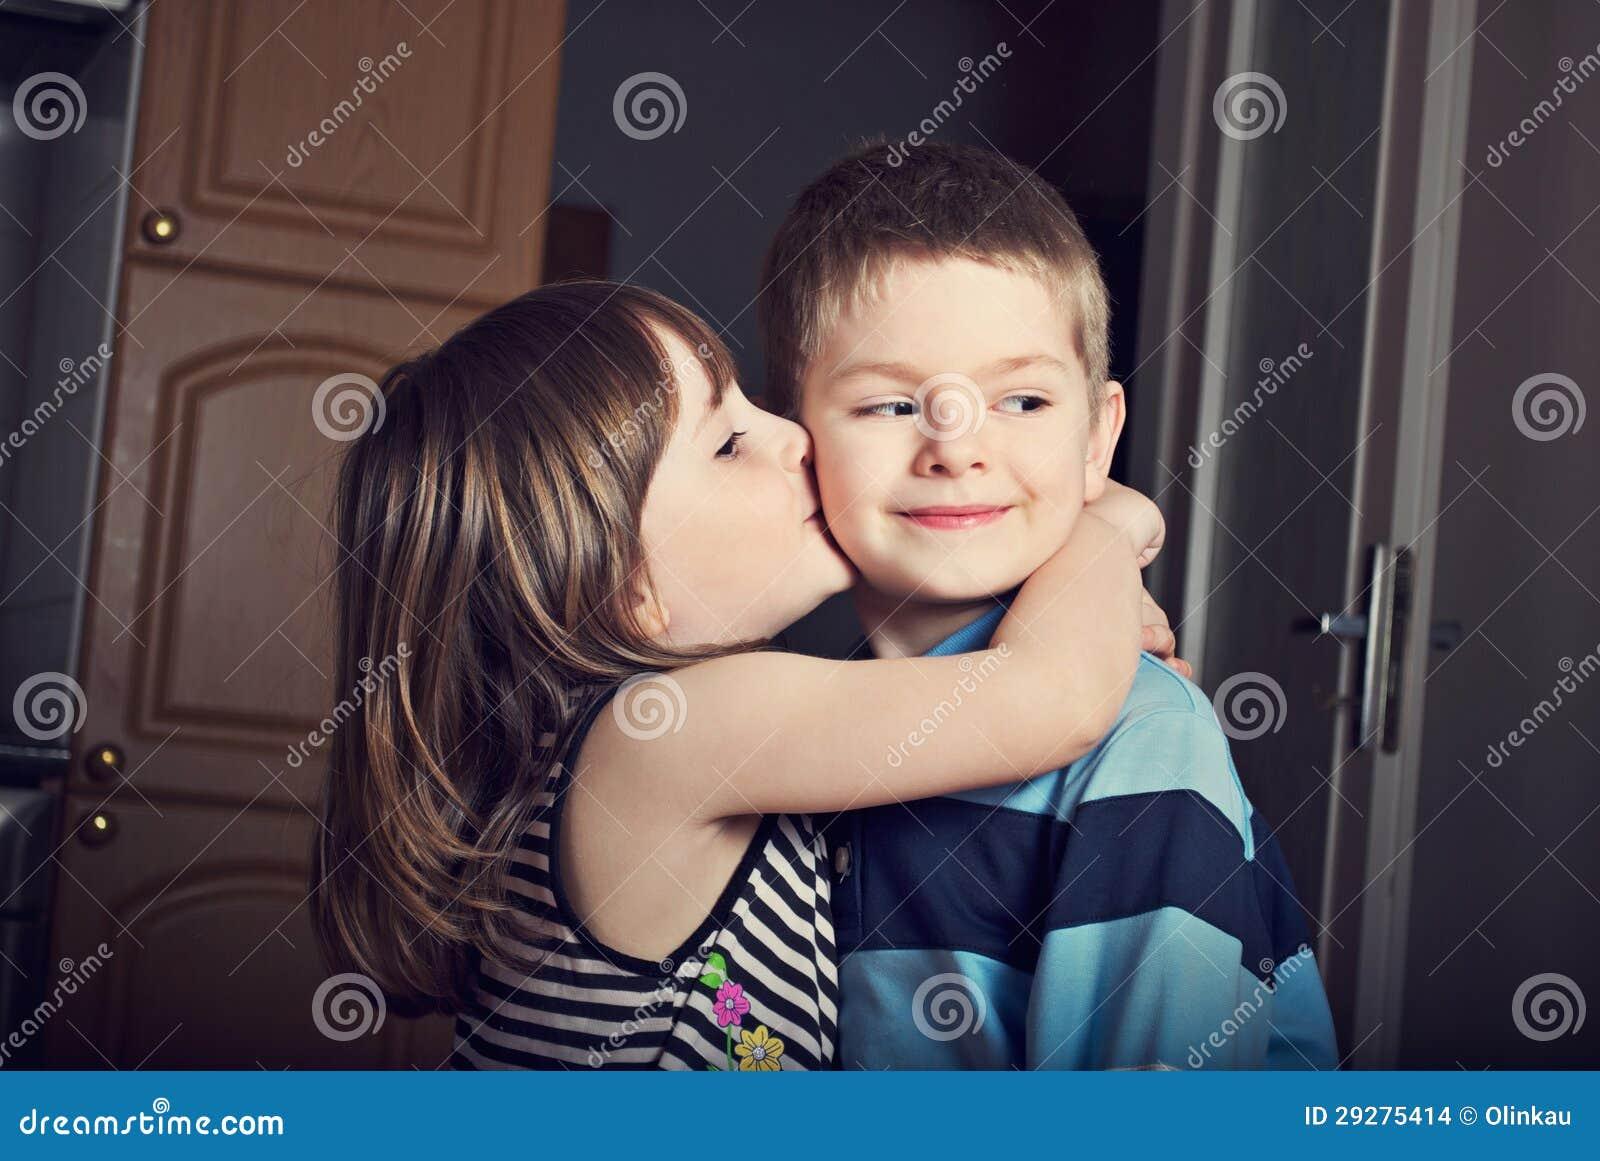 亲吻男孩的可爱的小女孩